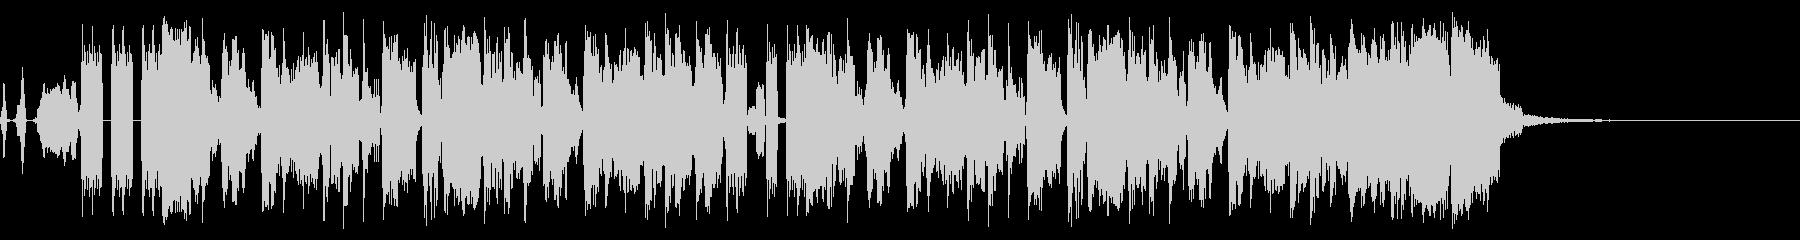 BMXストリートの未再生の波形